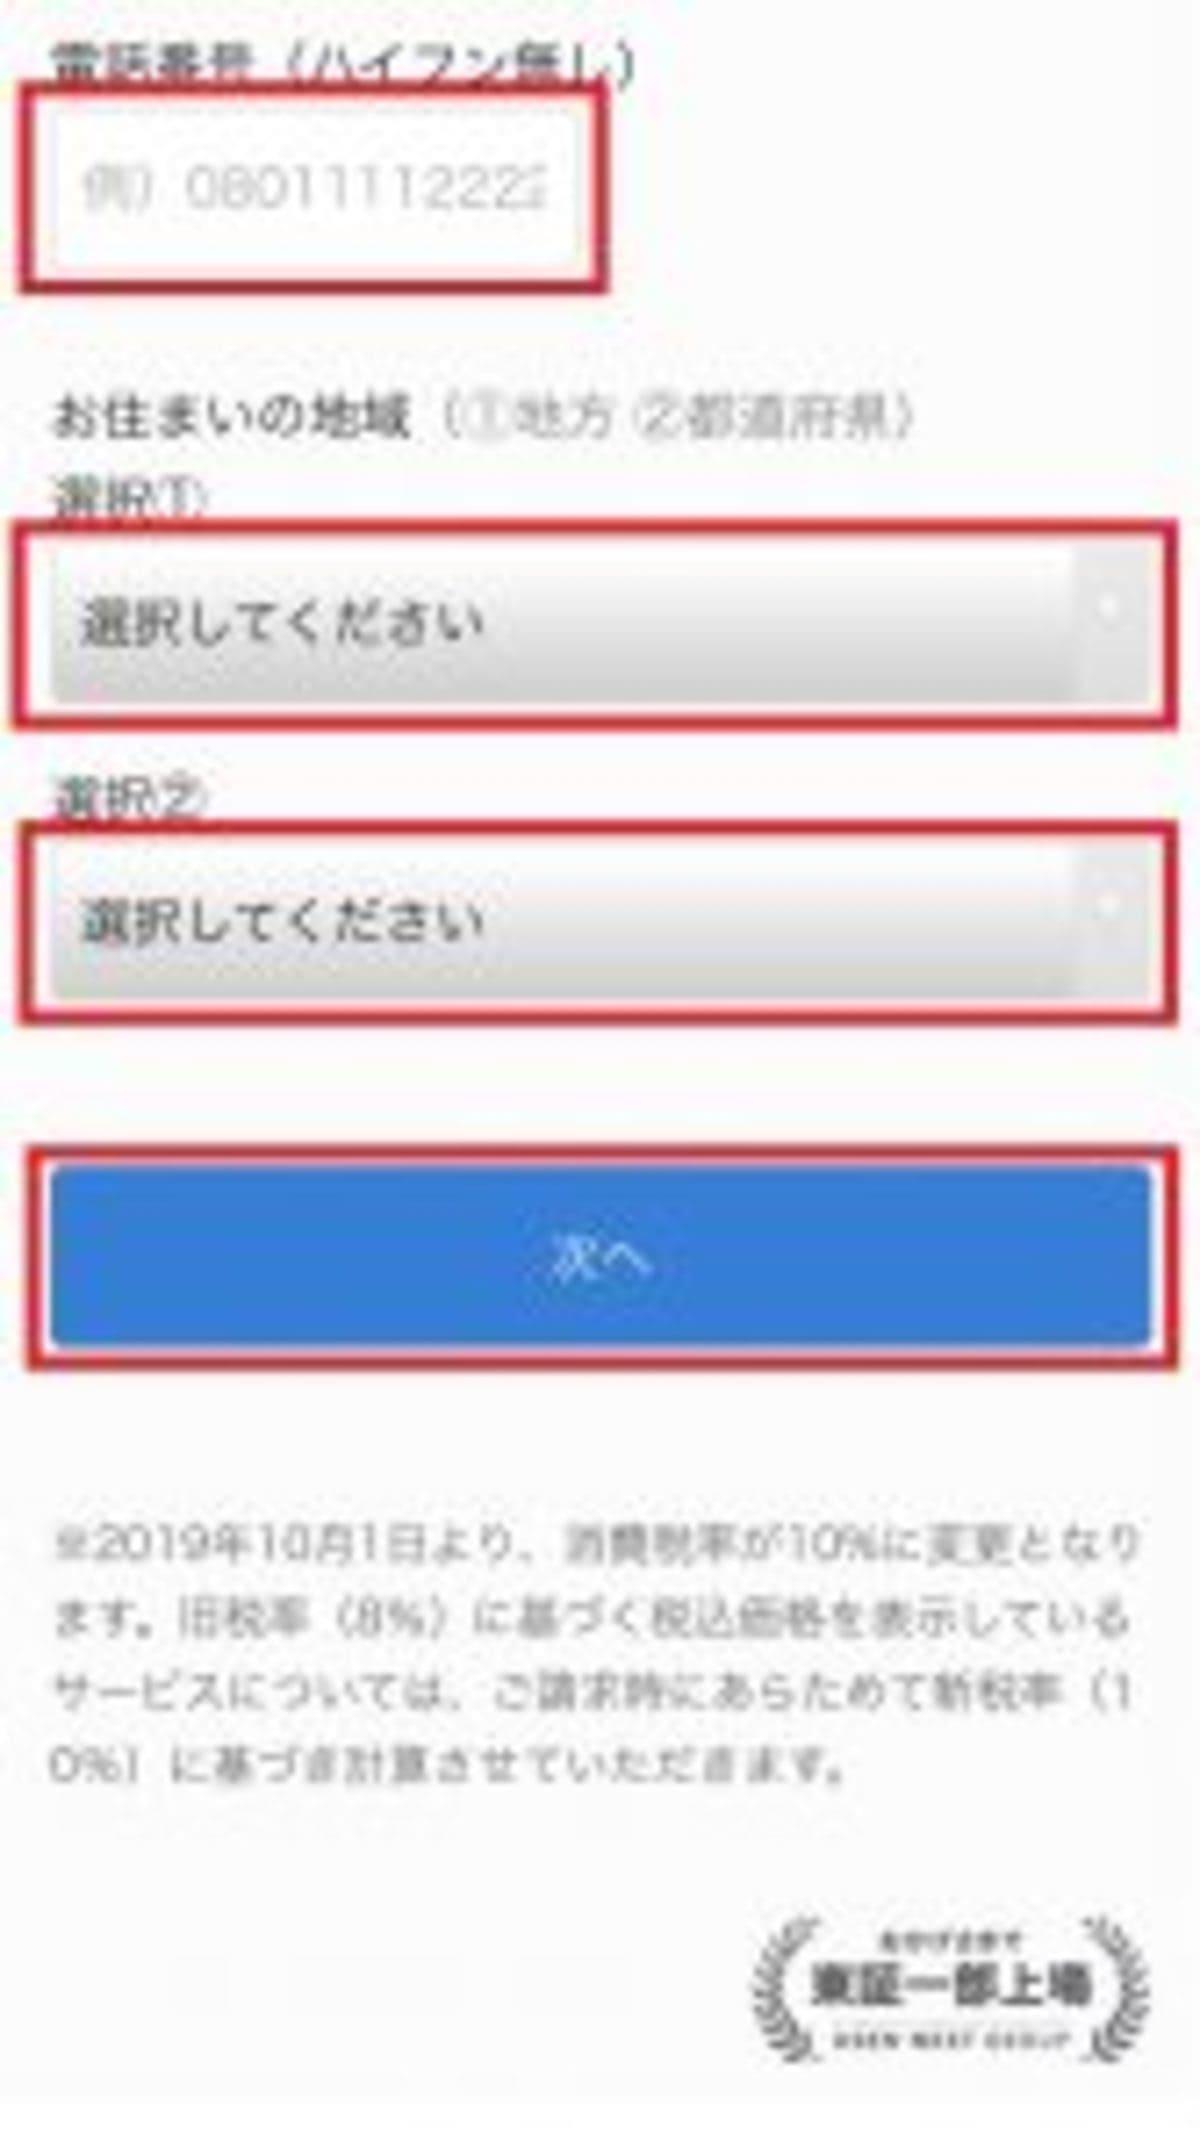 U-NEXTの登録画面で電話番号や都道府県の登録画面